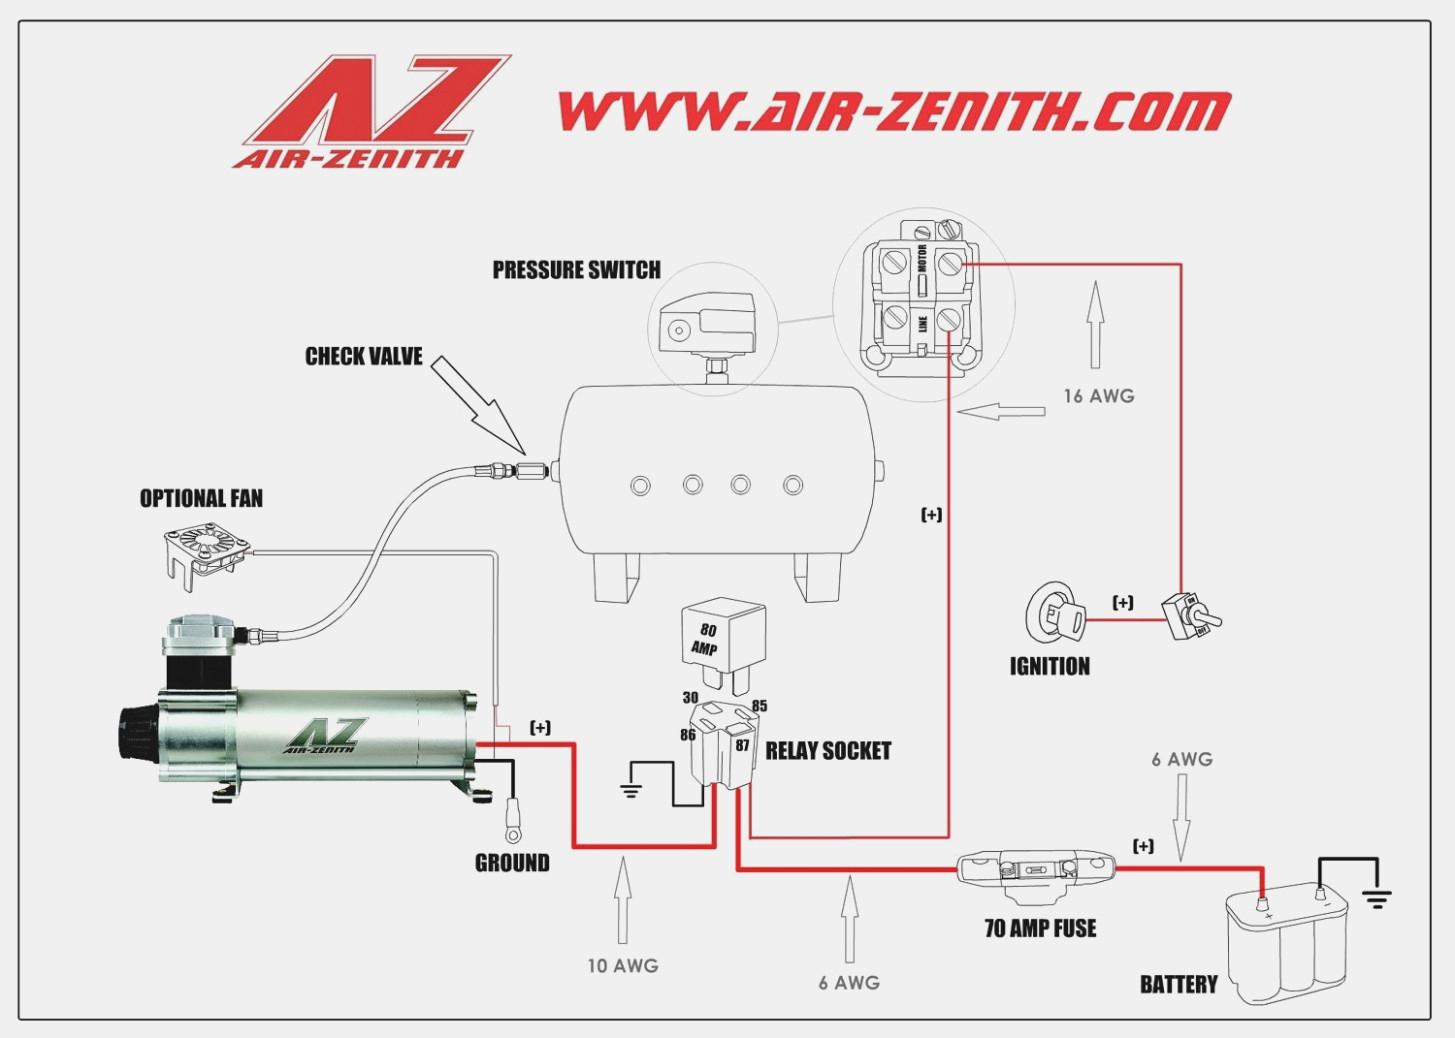 Air Compressor Wiring Diagram Schematic - Wiring Diagrams Hubs - Wiring Diagram For Air Compressor Motor